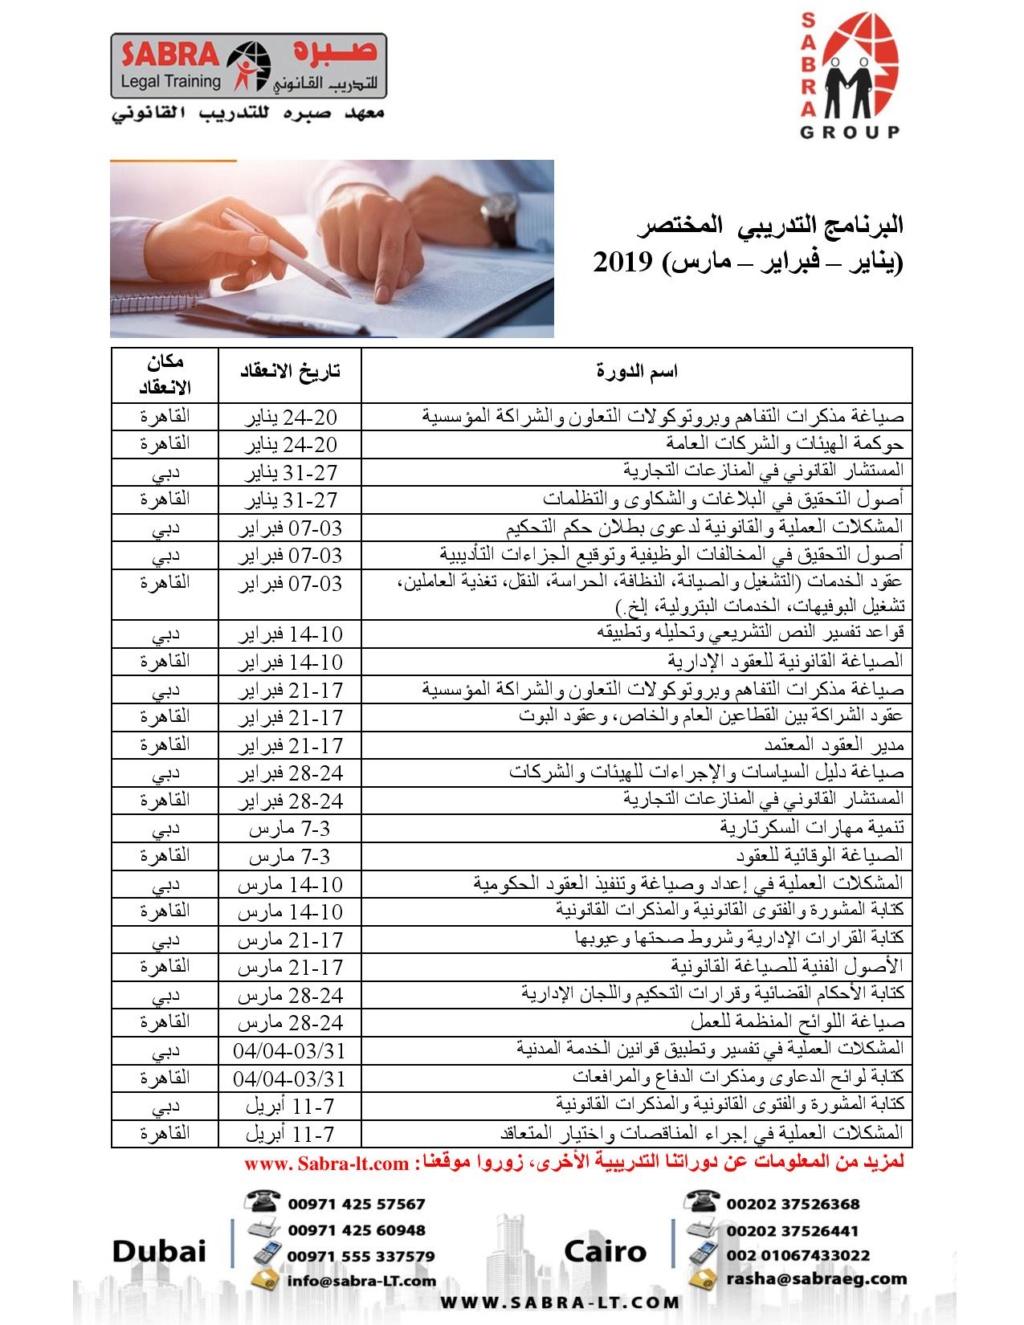 البرنامج التدريبي (القاهرة - دبى) Oaay_a23